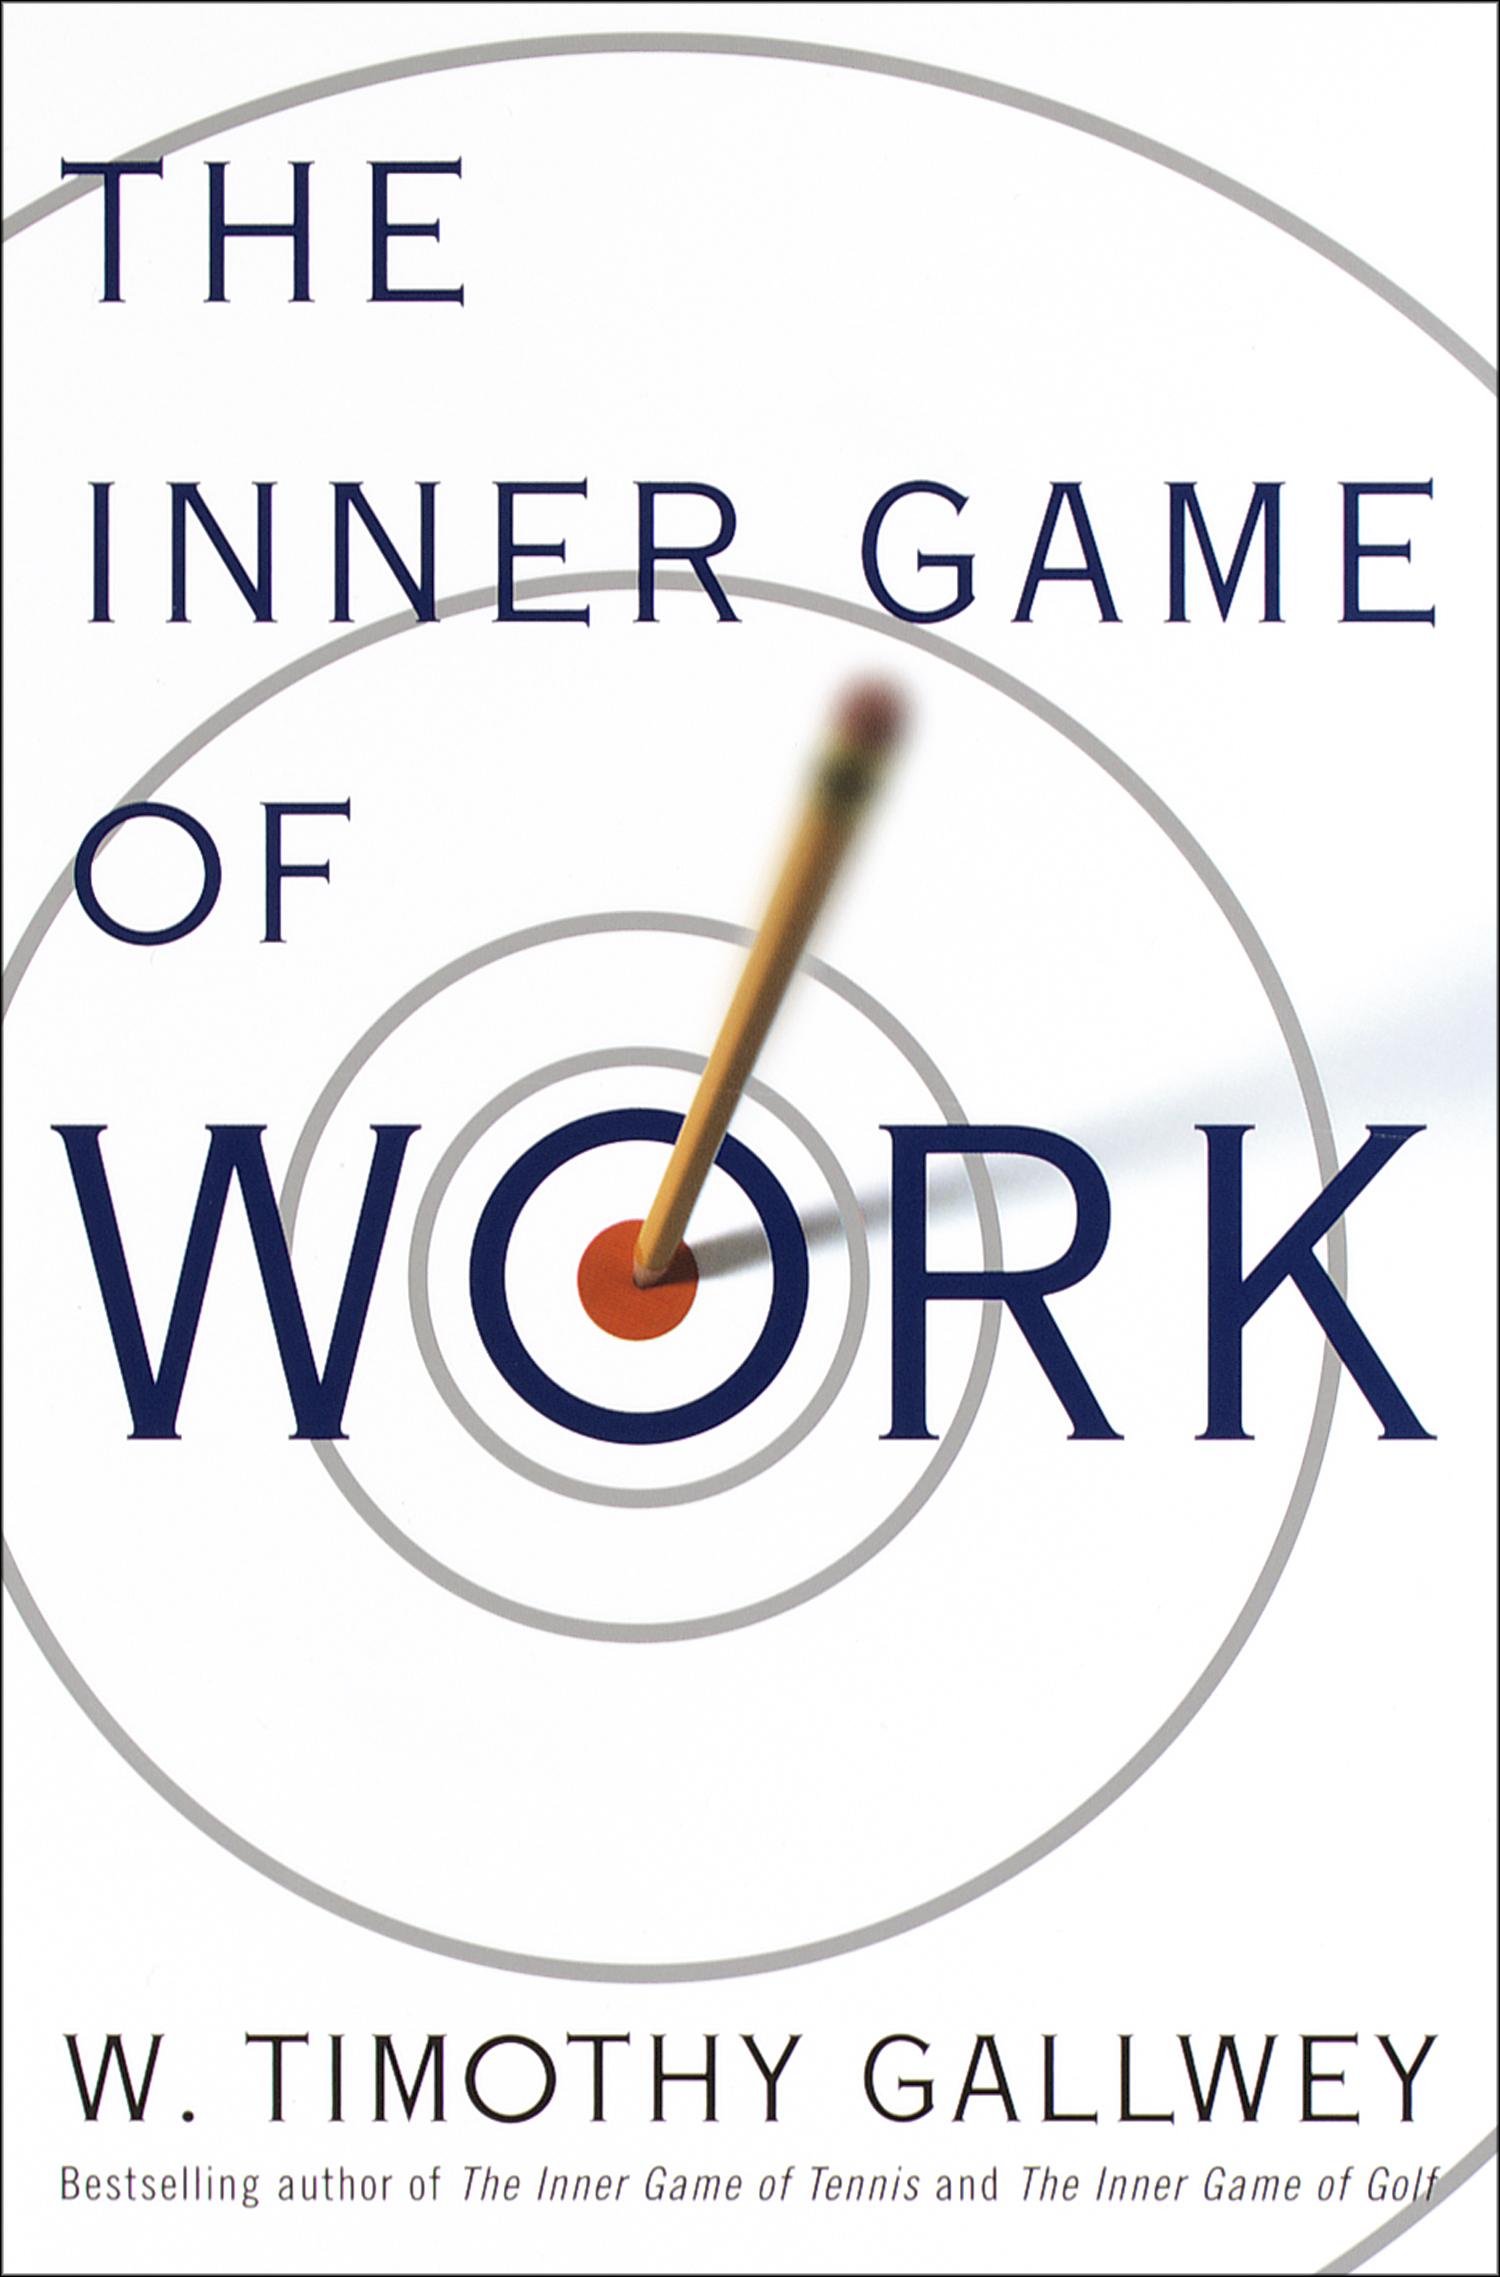 THE-INNER-GAME-OF-WORK-ss6.jpg